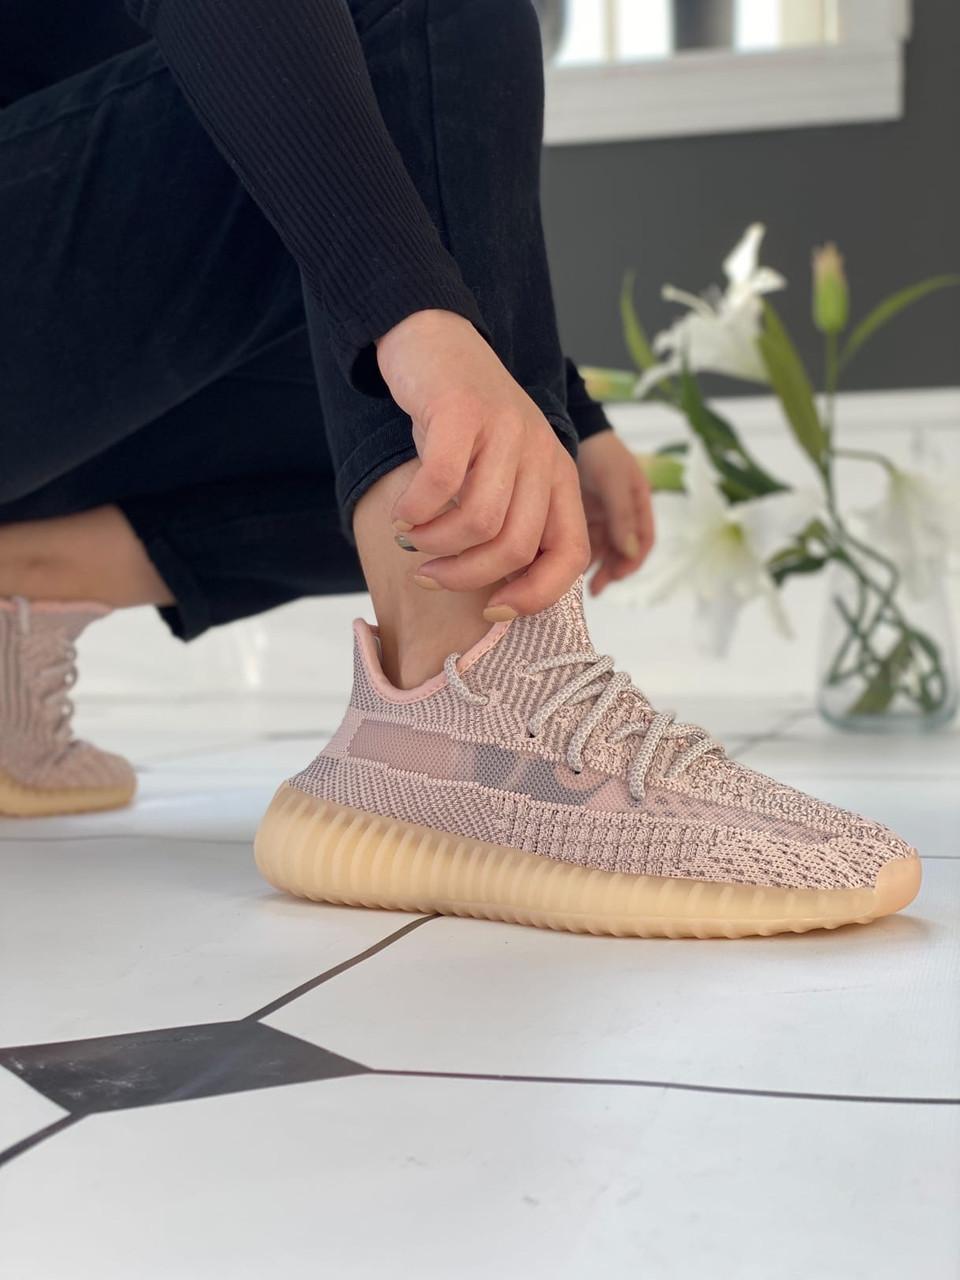 """Стильные кроссовки Adidas Yeezy Boost 350 V2 """"Synth Reflective"""" (Адидас Изи Буст 350)"""